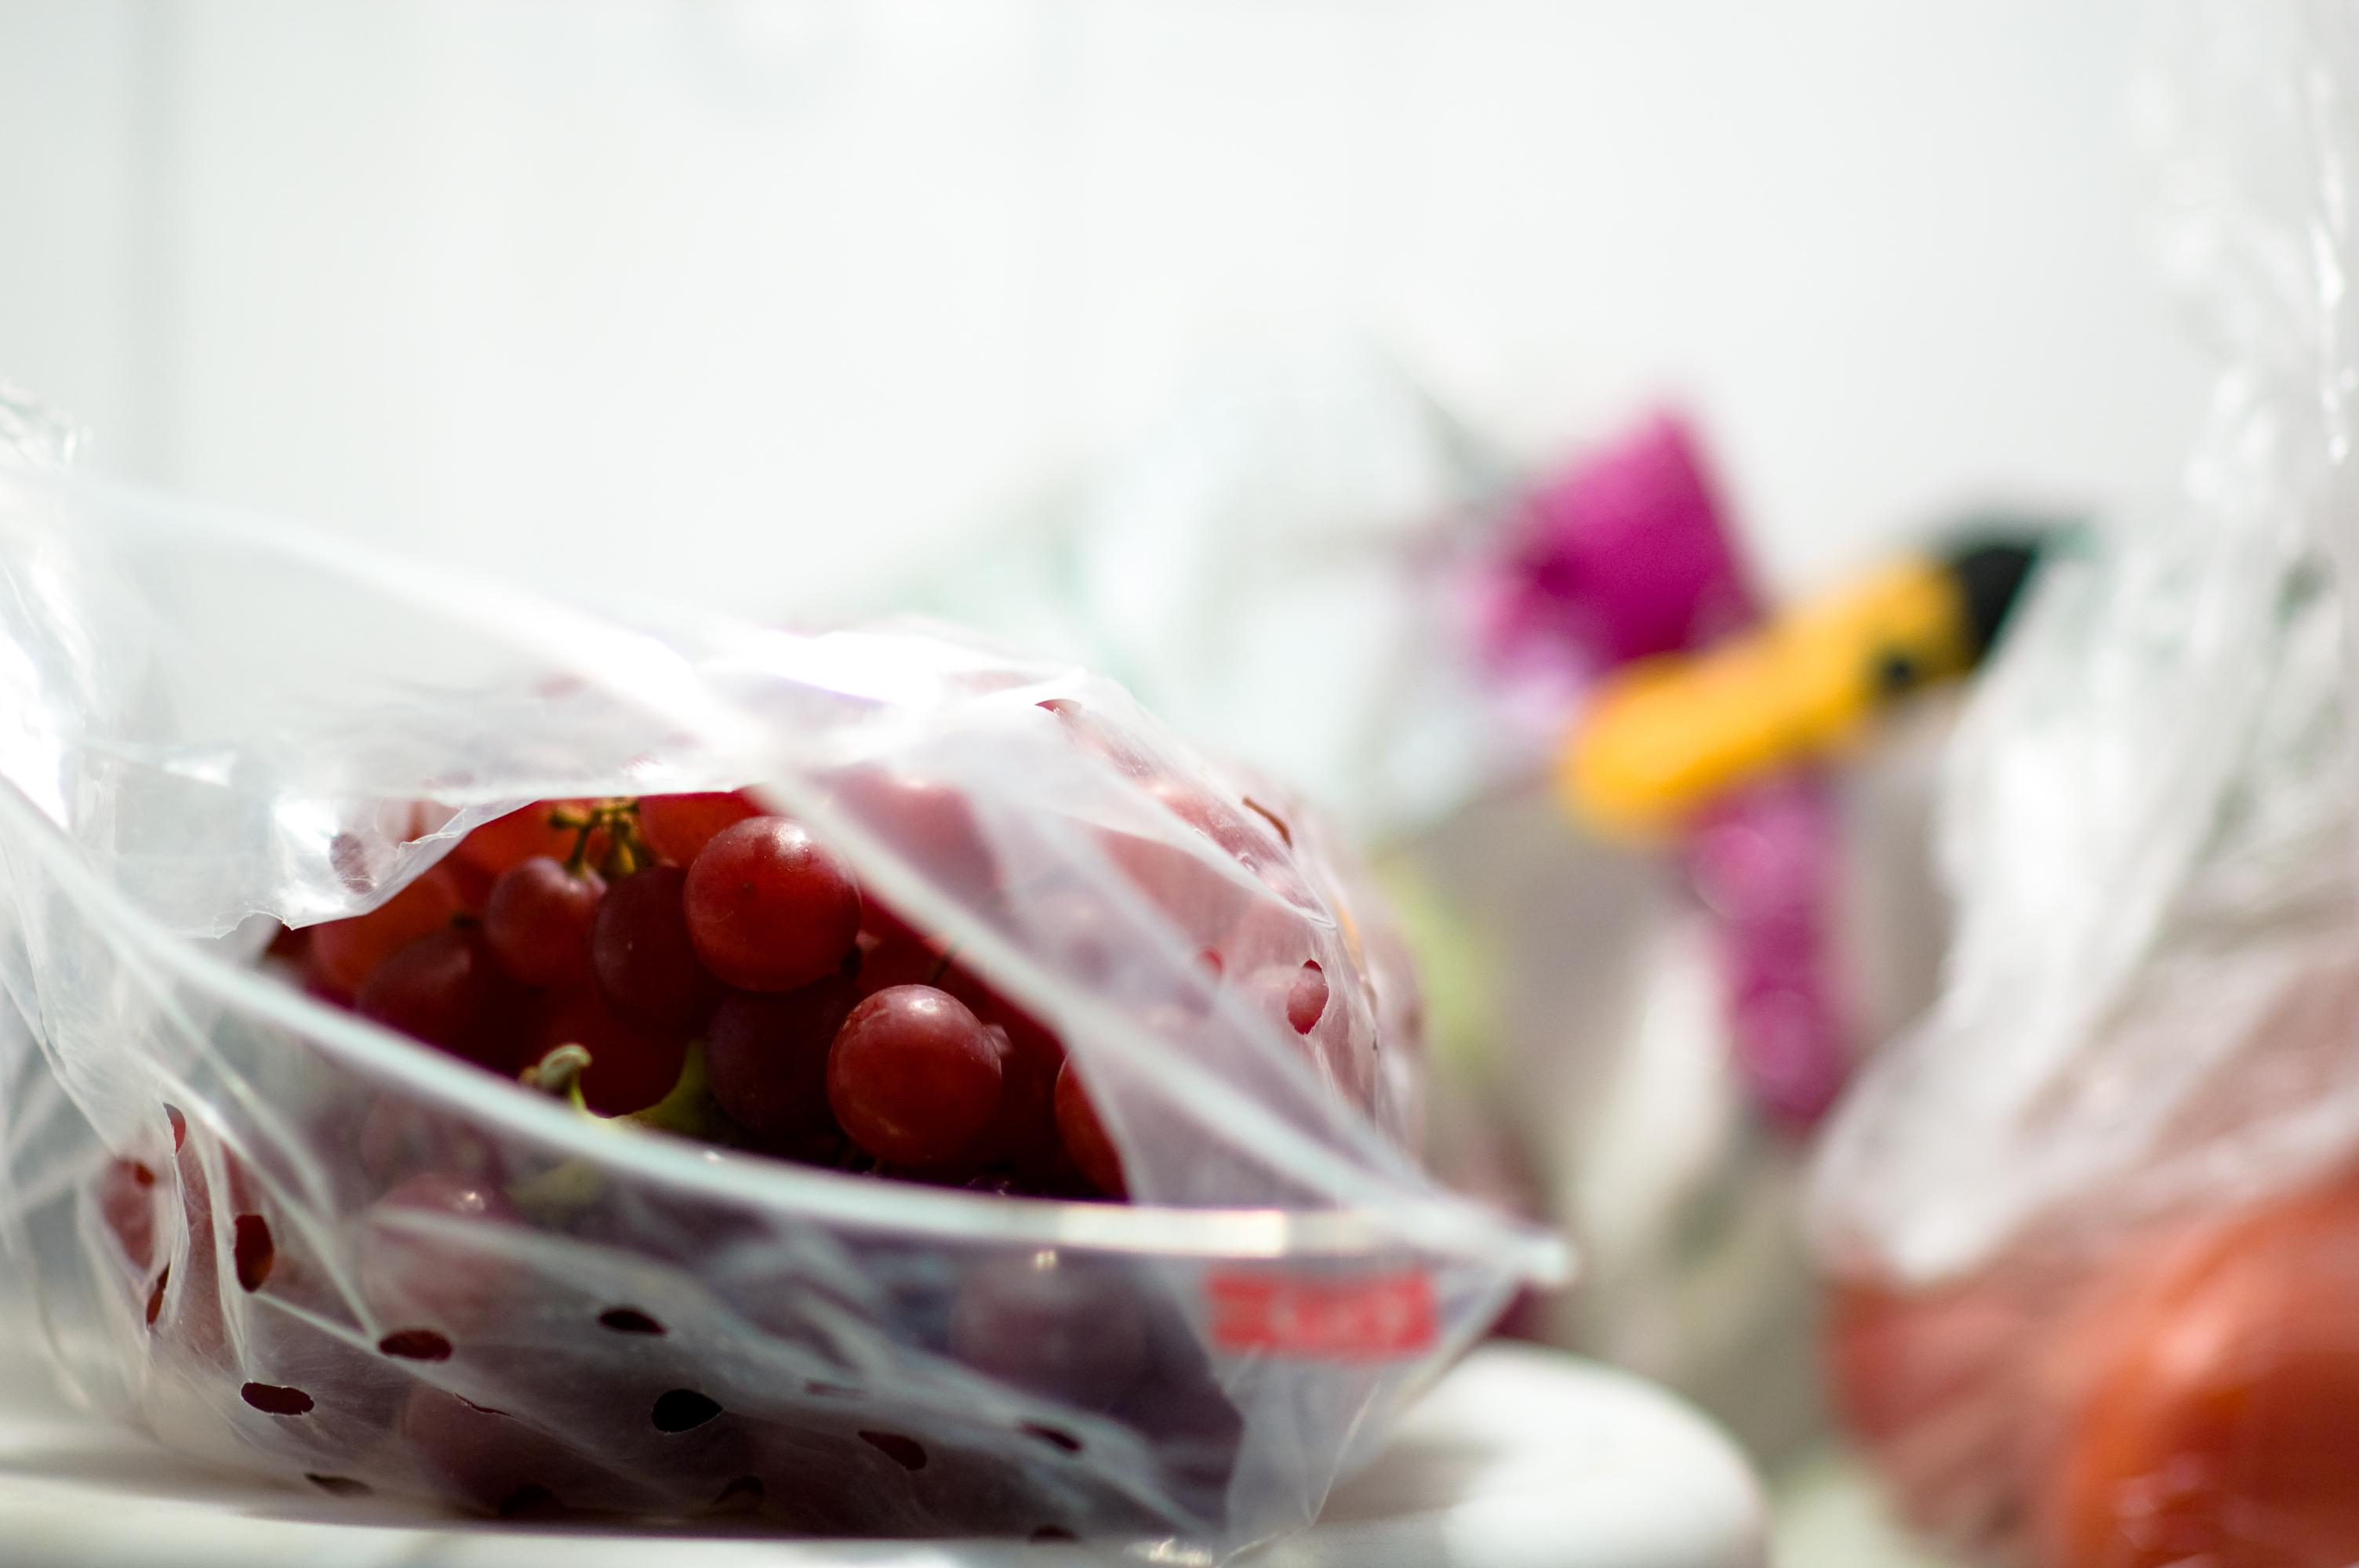 Quando e dove si conserva la frutta